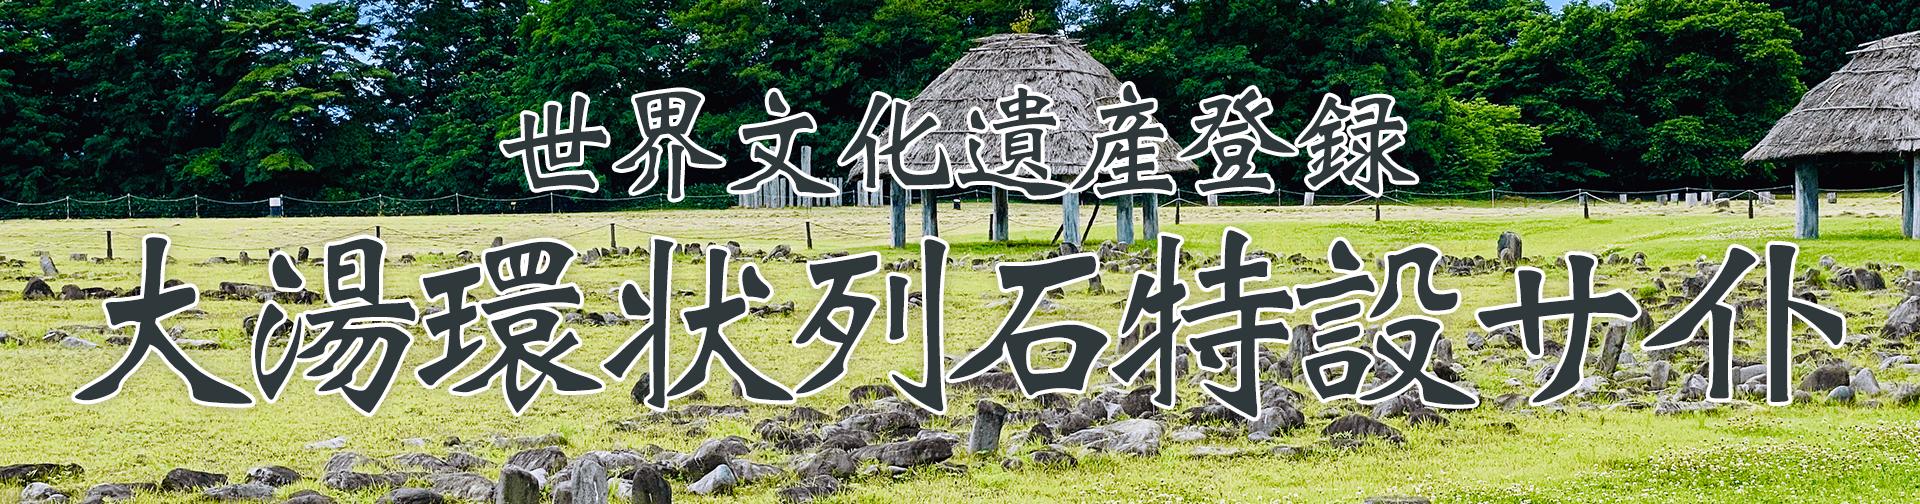 大湯環状列石特設サイト